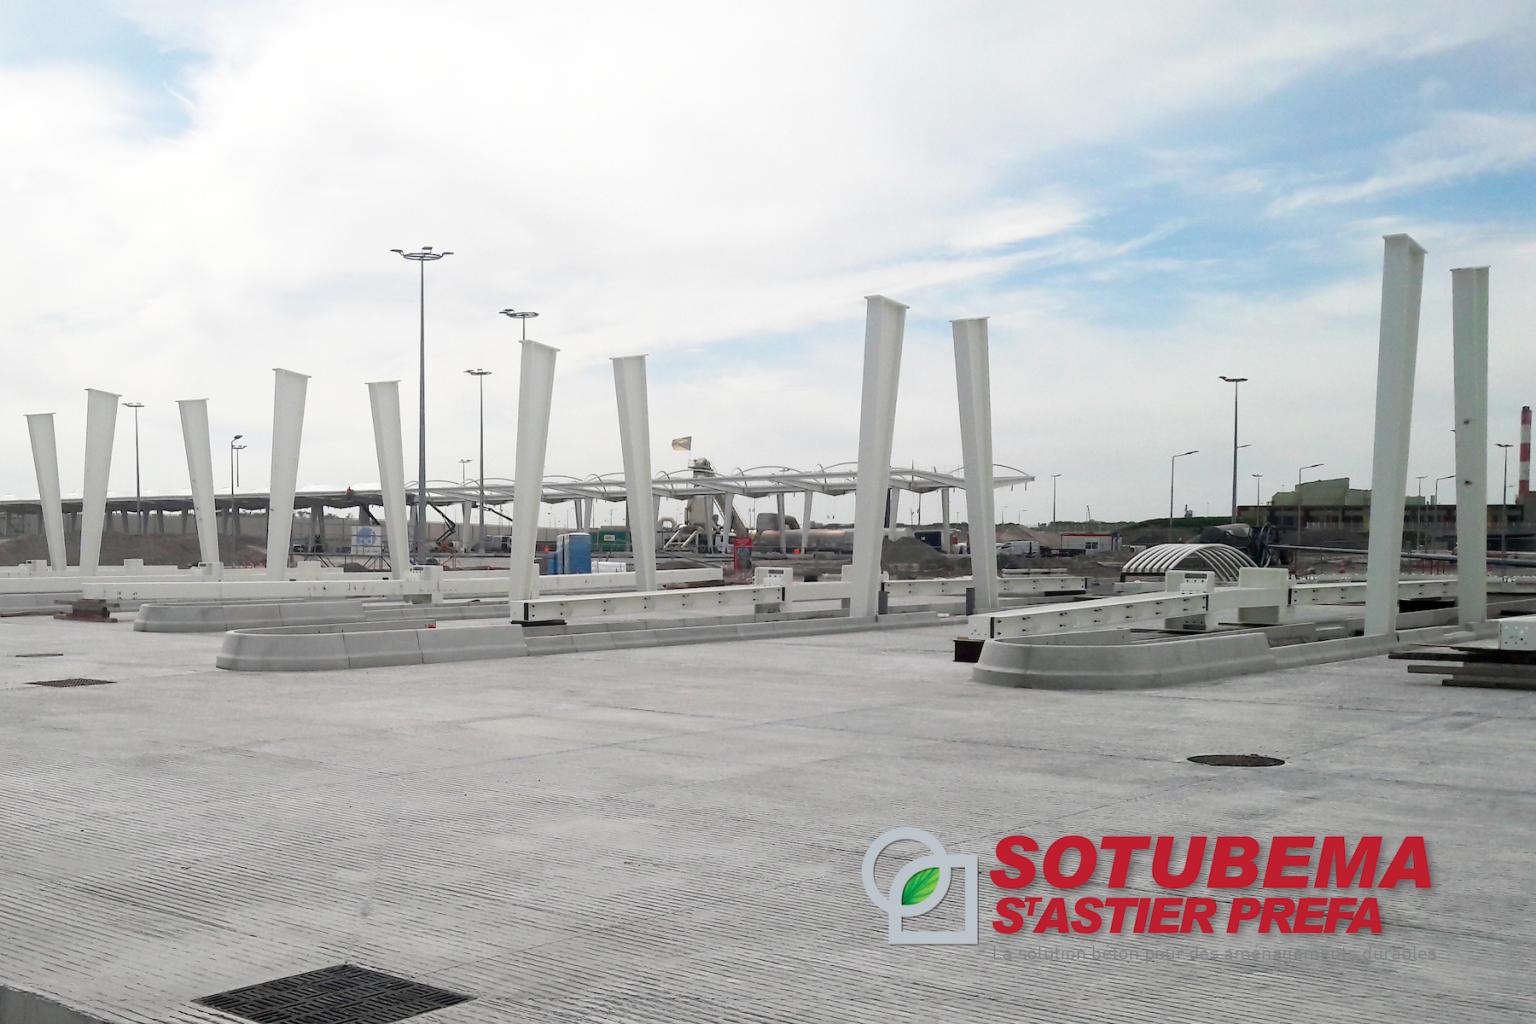 Extension du Port de Calais (62) - Eléments BUSWAY® courbes ou droits et MINIGUID - SOTUBEMA